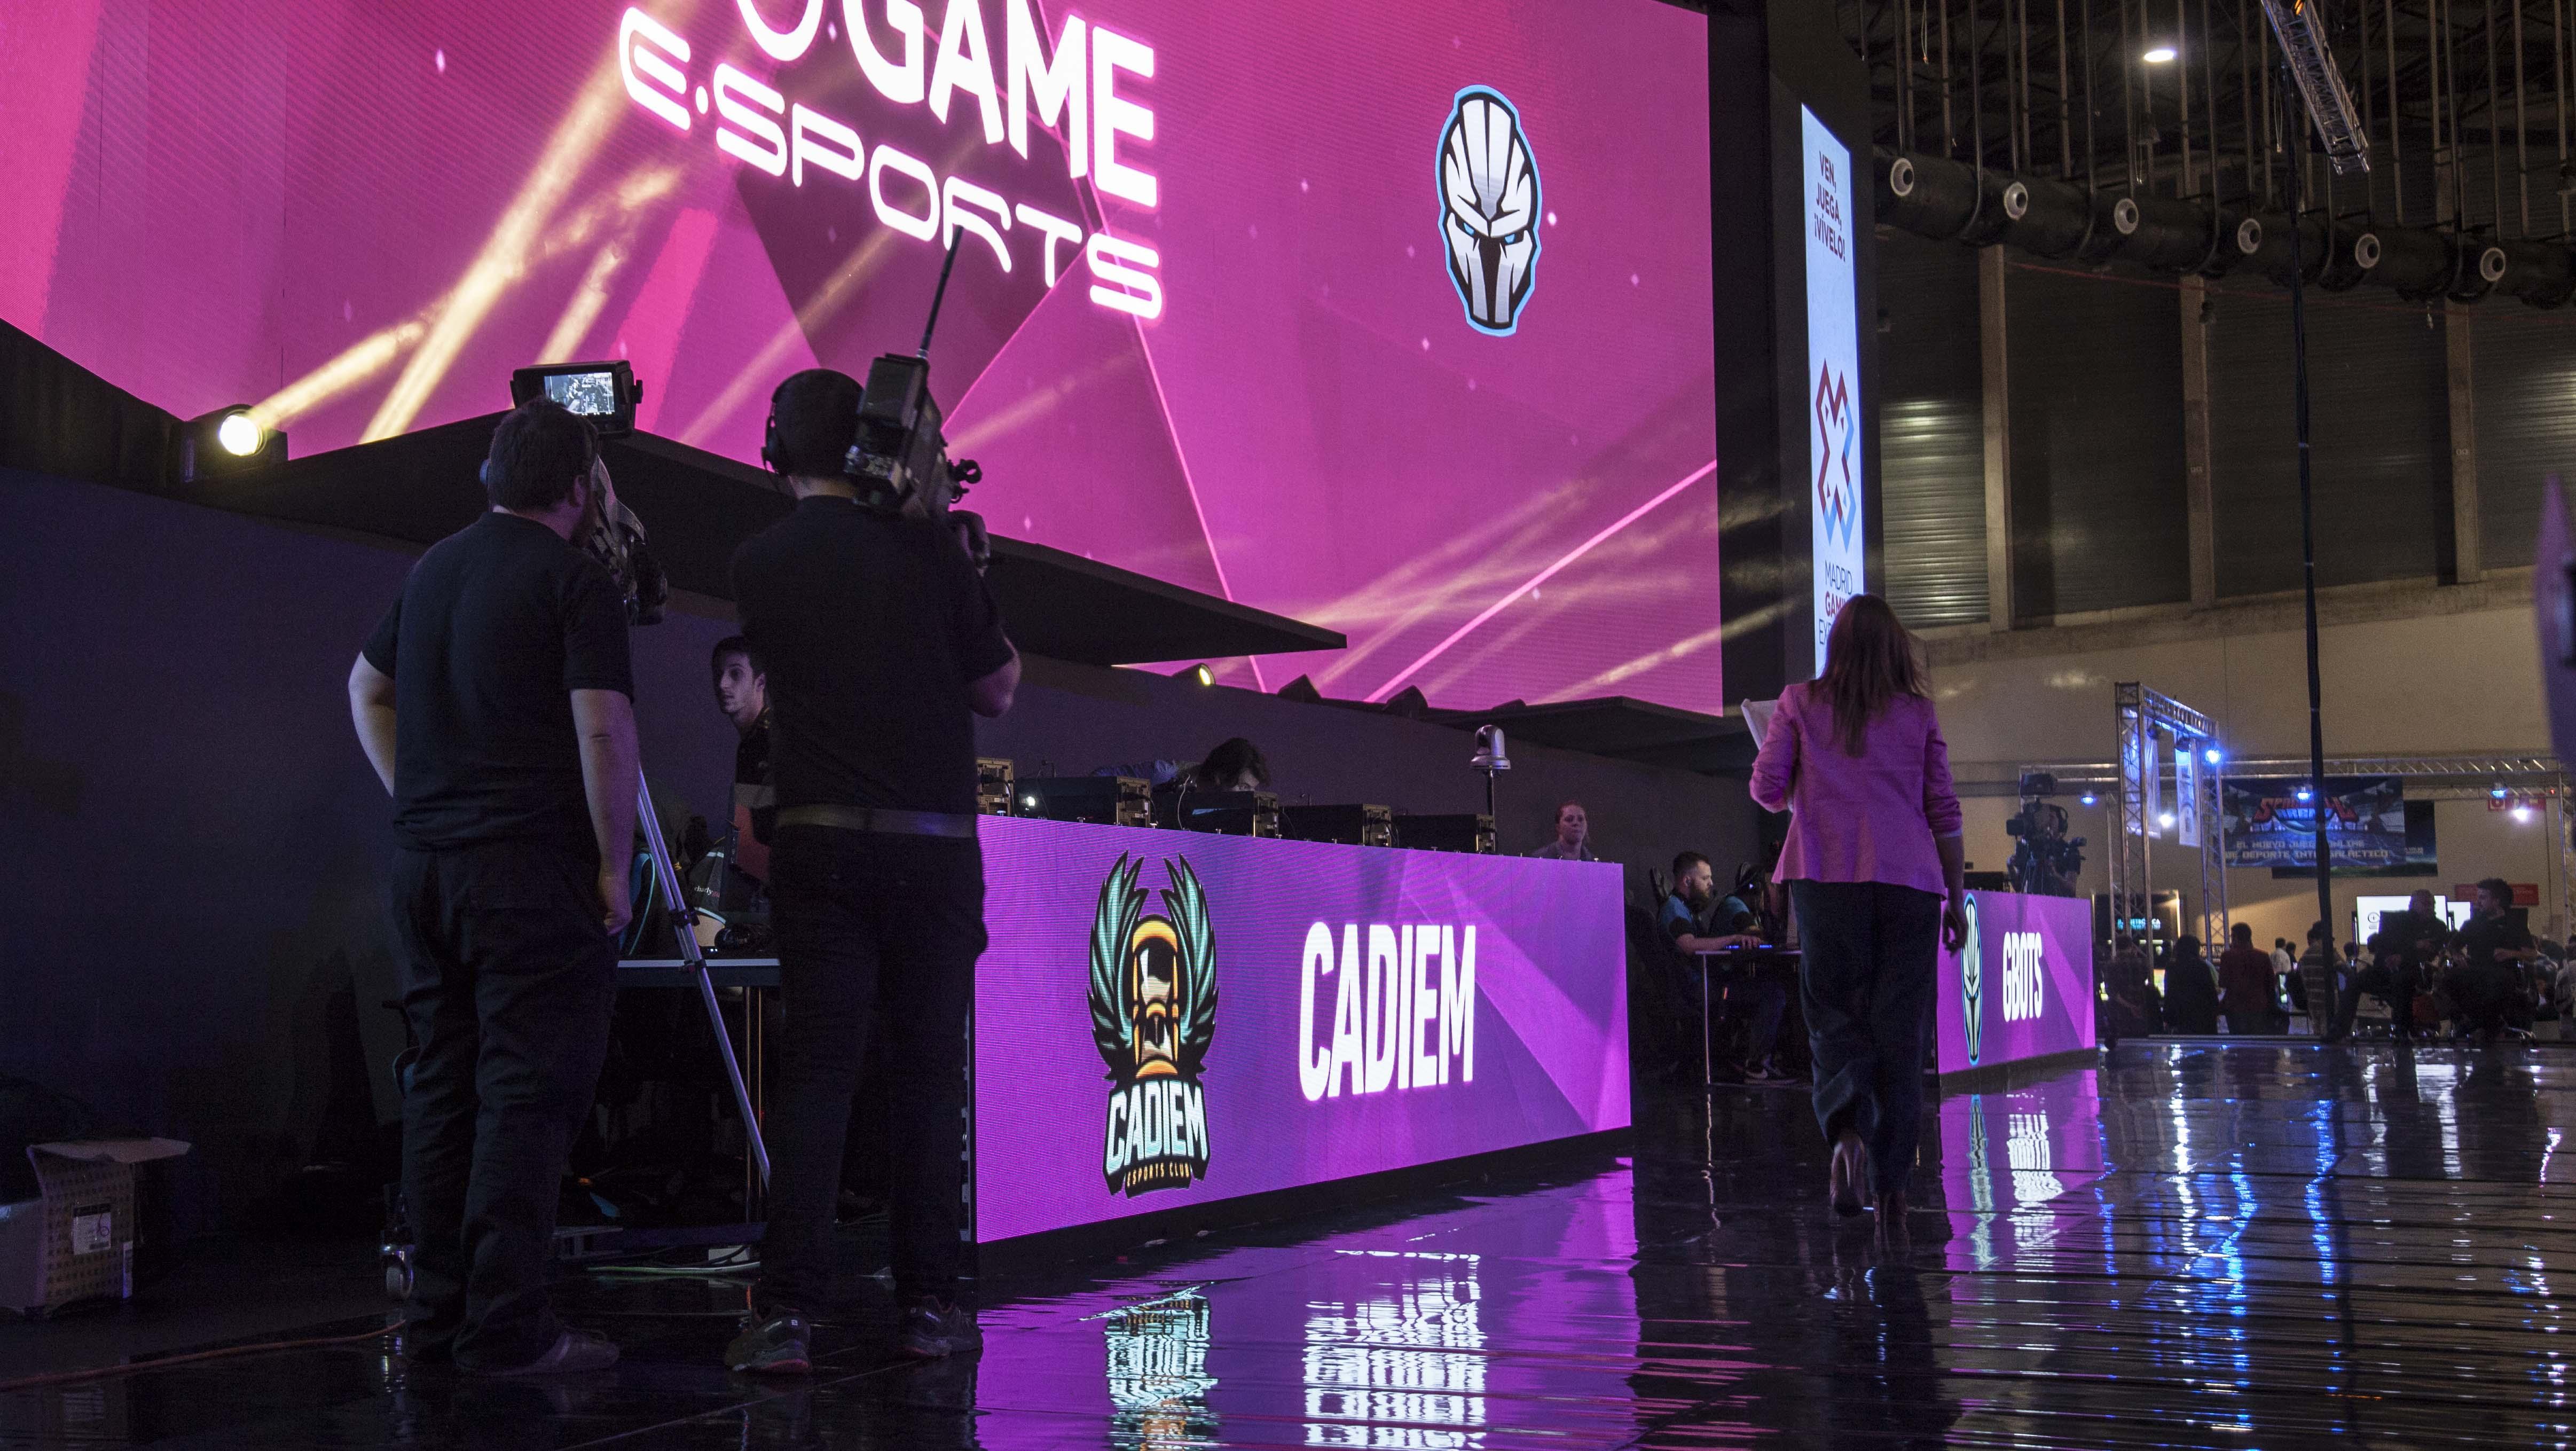 Las competiciones de eSports se han convertido en un espectáculo tan adictivo como el fútbol o el baloncesto.